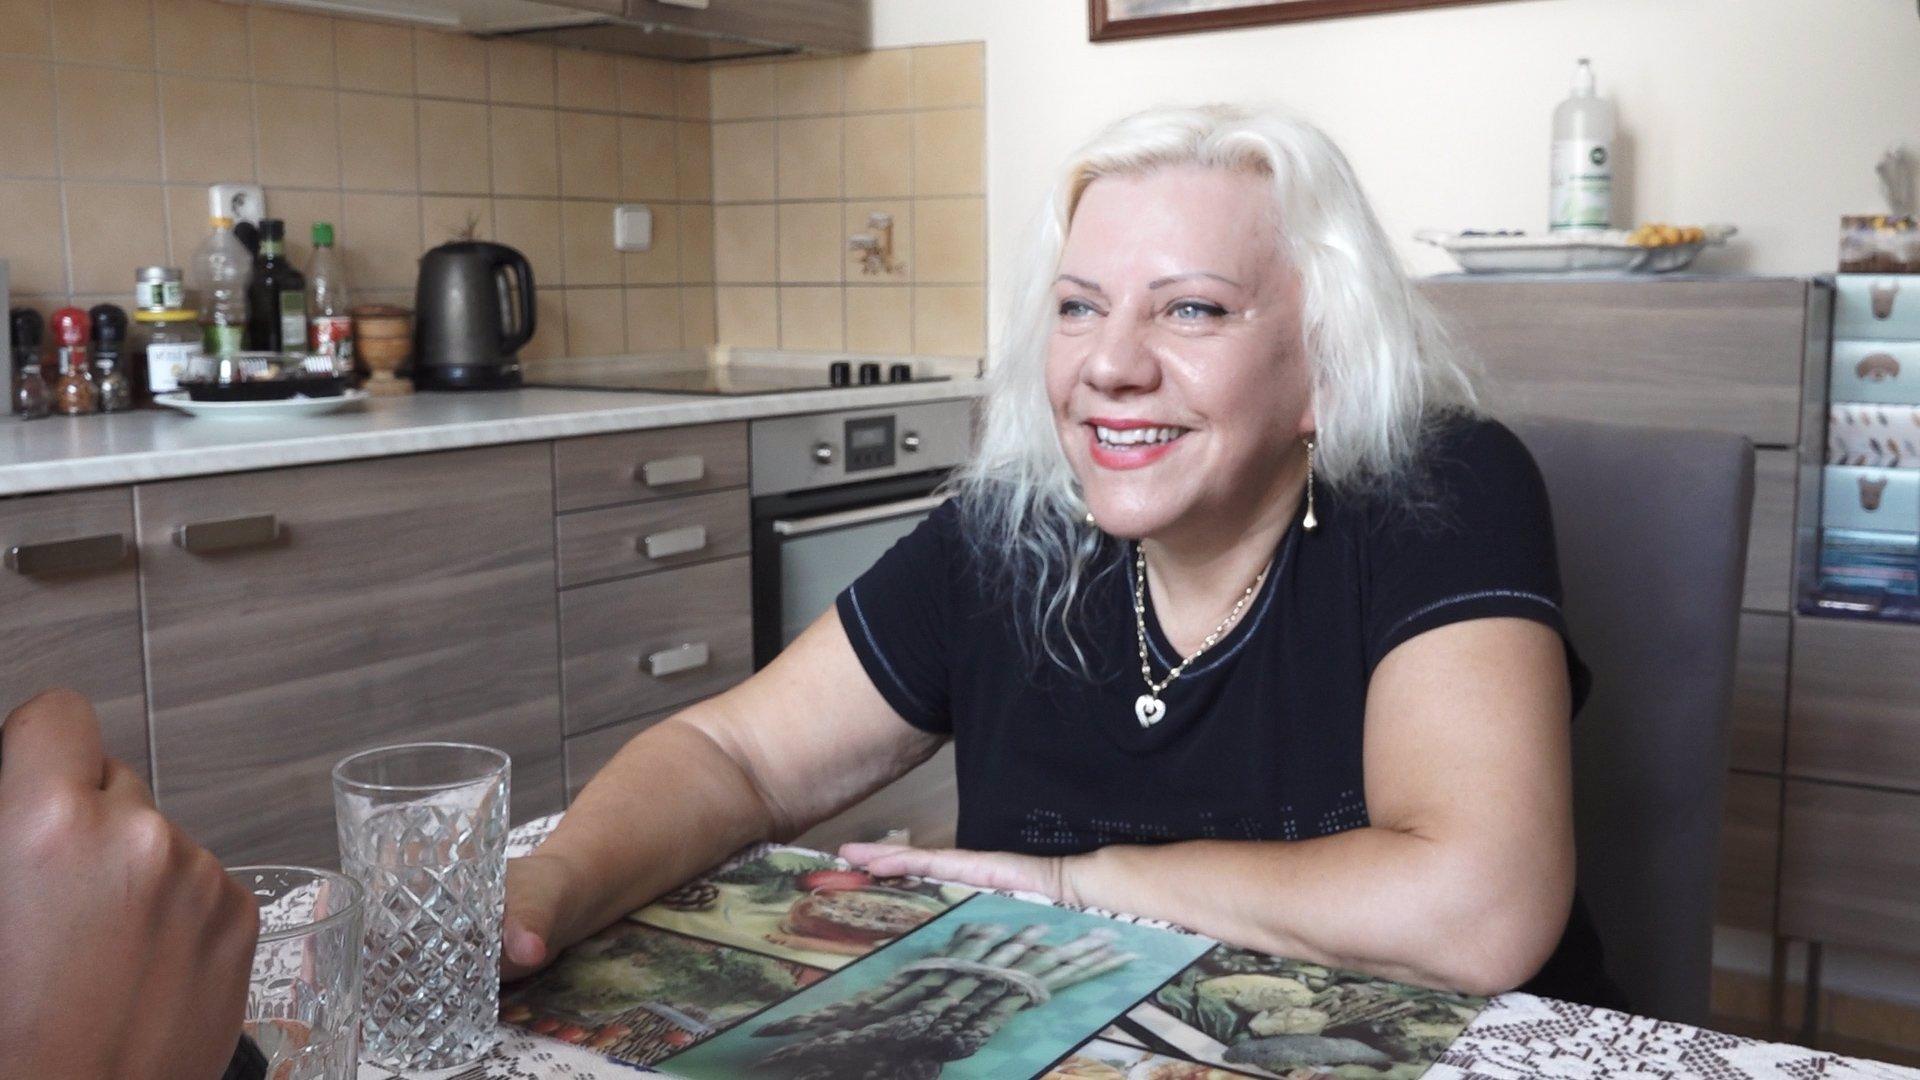 Marie Pojkarová ukázala bydlení a promluvila o smrti své lásky: Puklo mu srdce